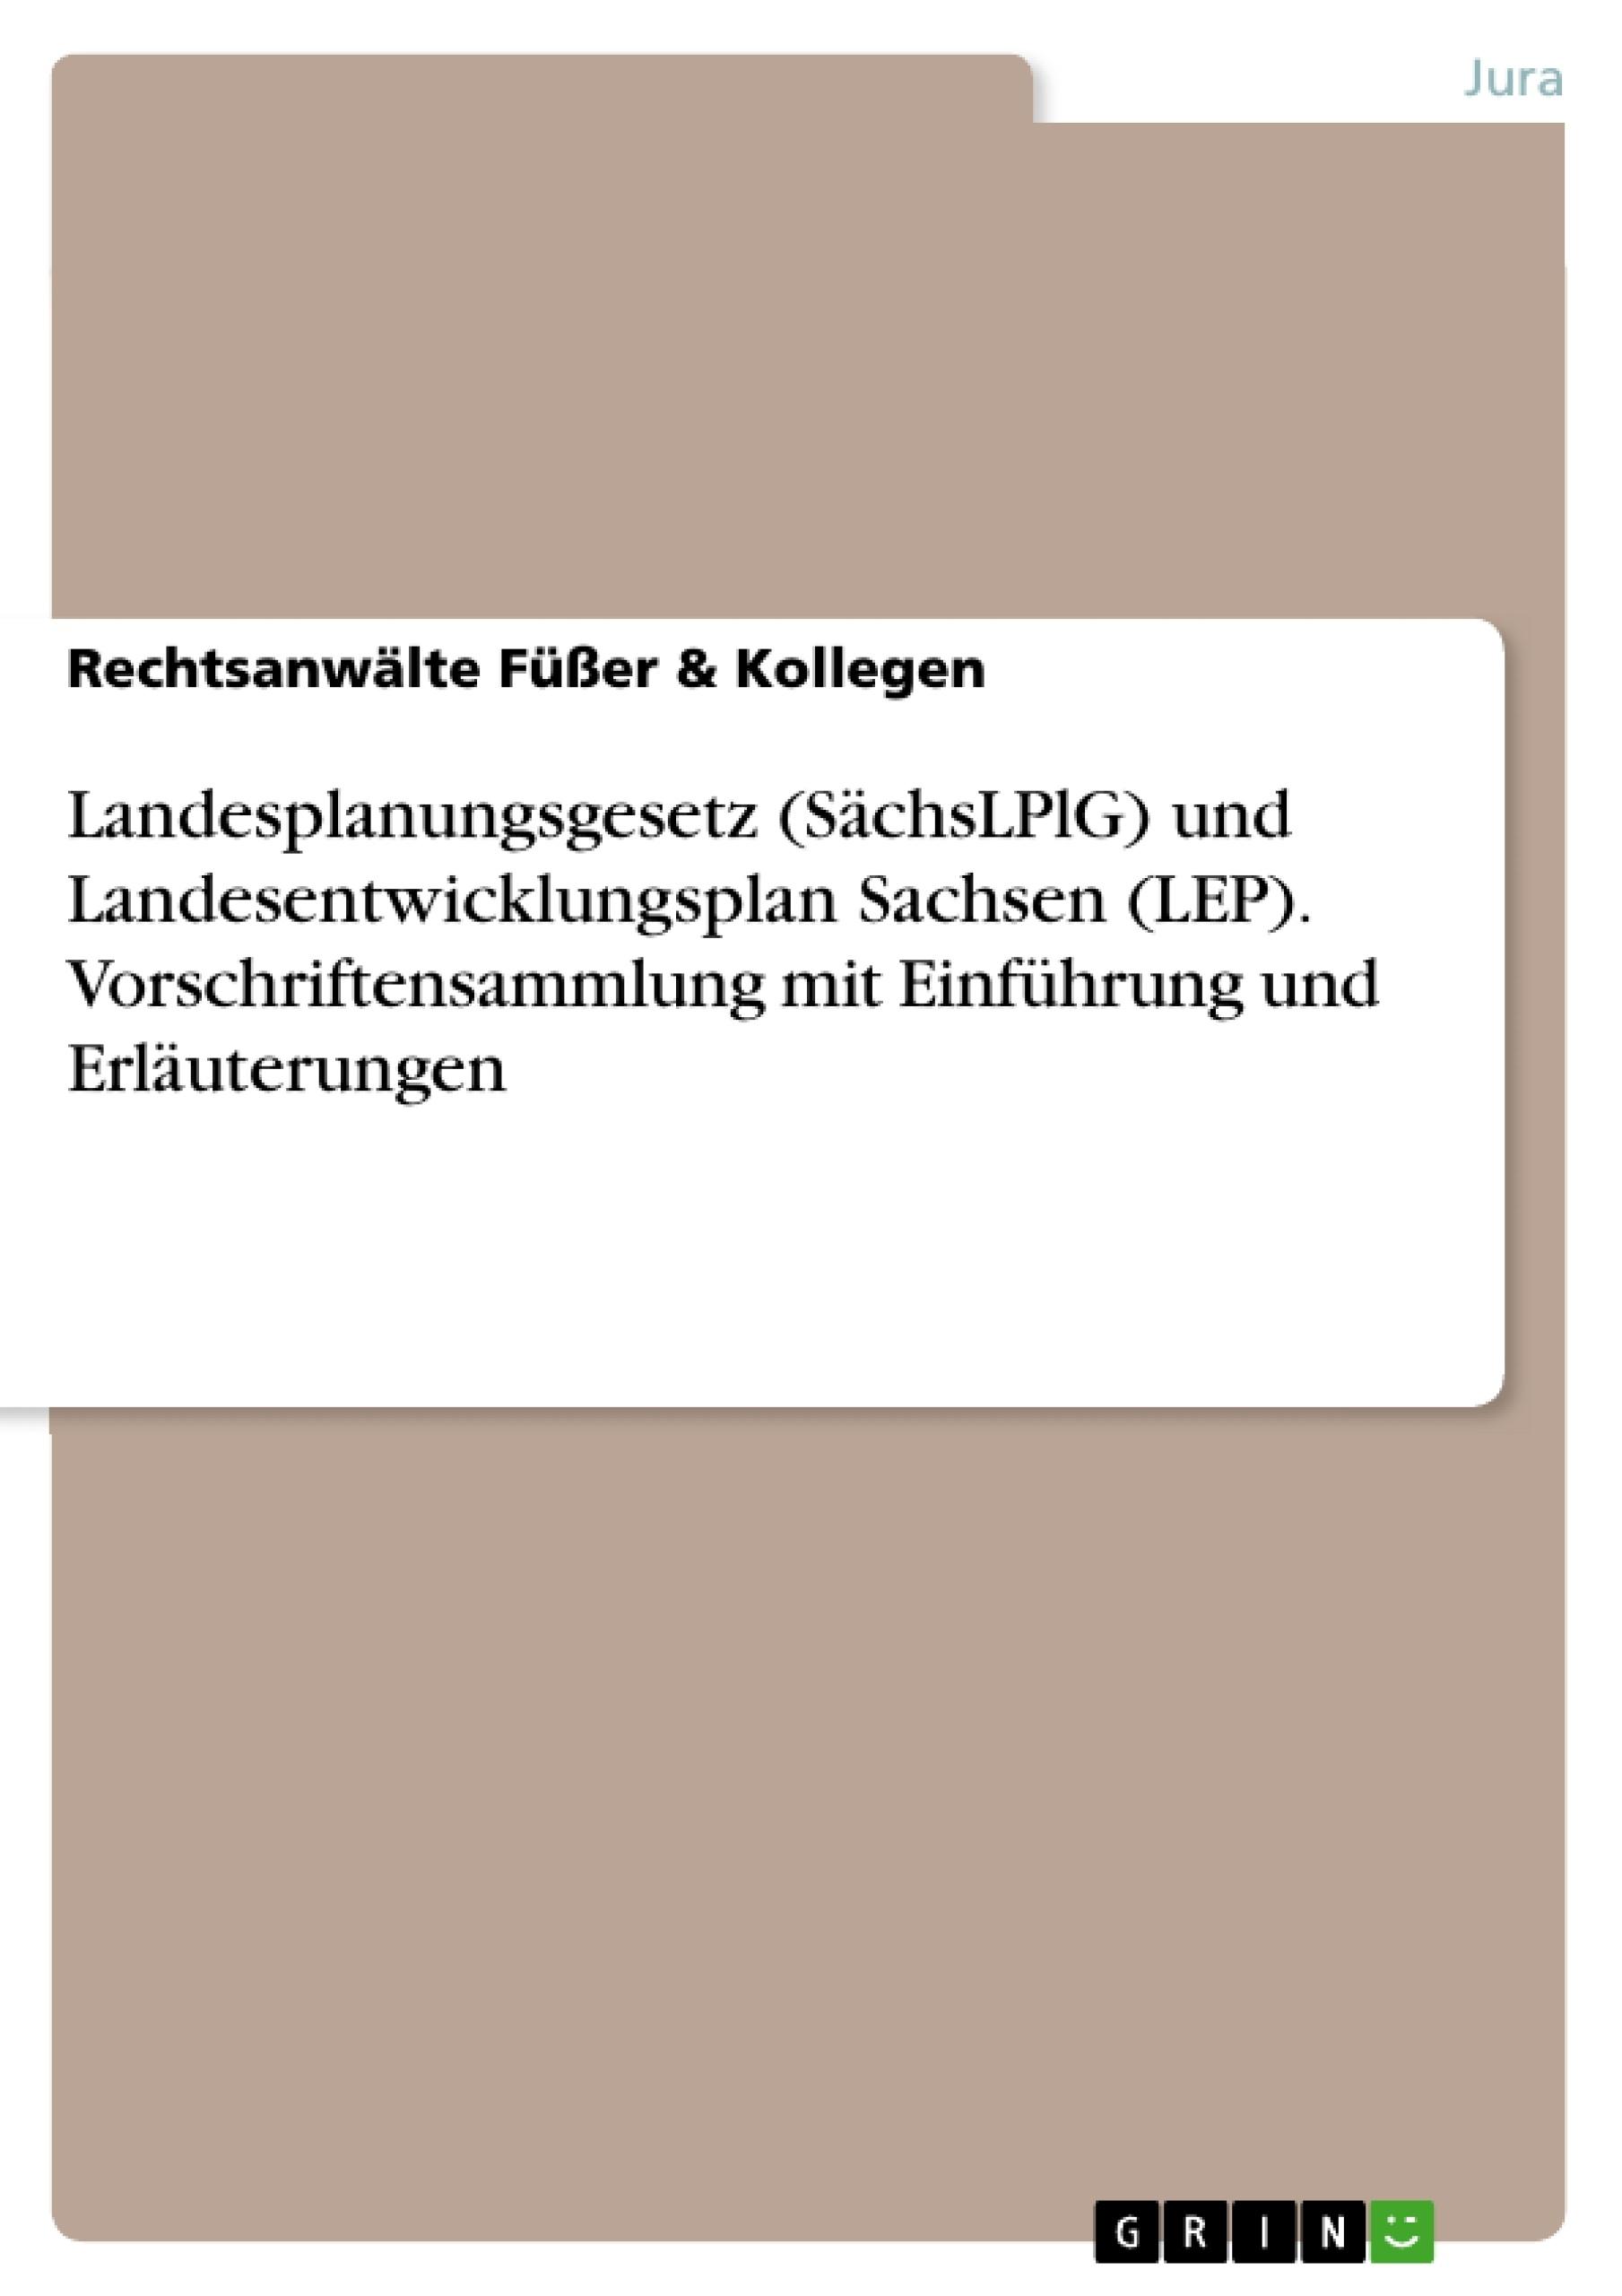 Titel: Landesplanungsgesetz (SächsLPlG) und Landesentwicklungsplan Sachsen (LEP). Vorschriftensammlung mit Einführung und Erläuterungen